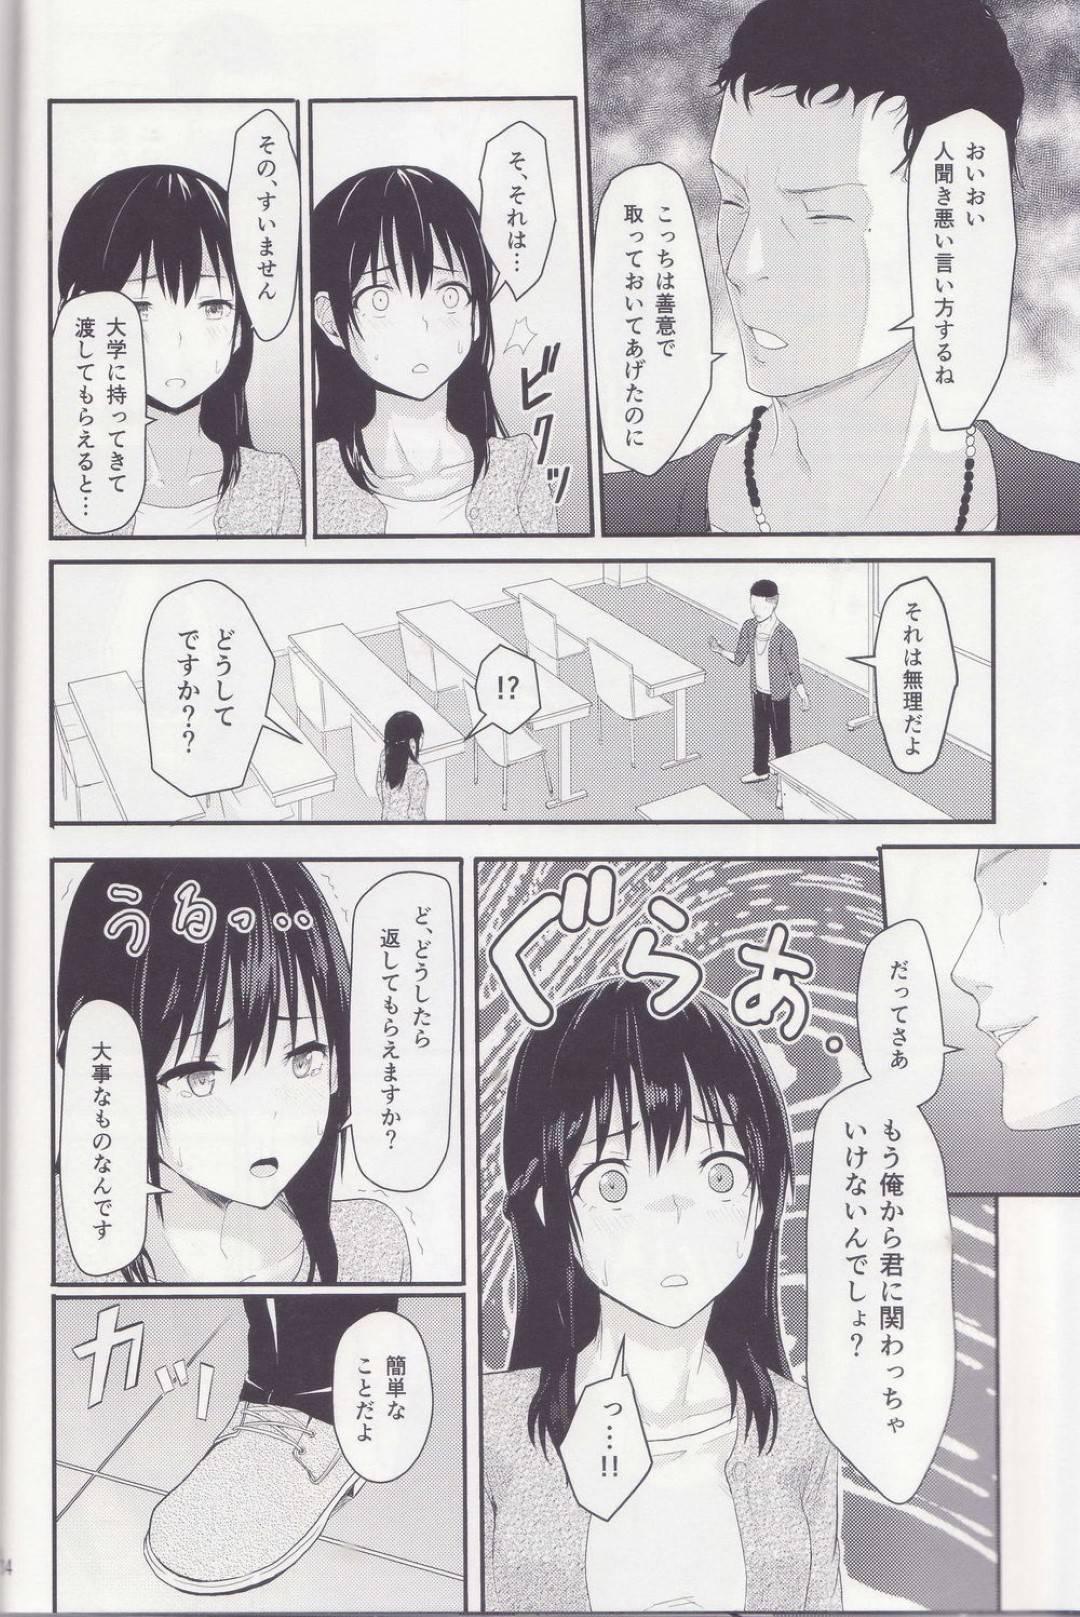 【エロ漫画】大学の先輩にハメ撮りを撮られて脅迫を受けた三葉…渋々彼の家へと上がる事になった彼女は呆気なく服を脱がされ、バックや正常位でチンポを挿入されて快楽堕ちする。【シュクリーン:Mitsuha~Netorare~ 総集編1 CHAPTER2】